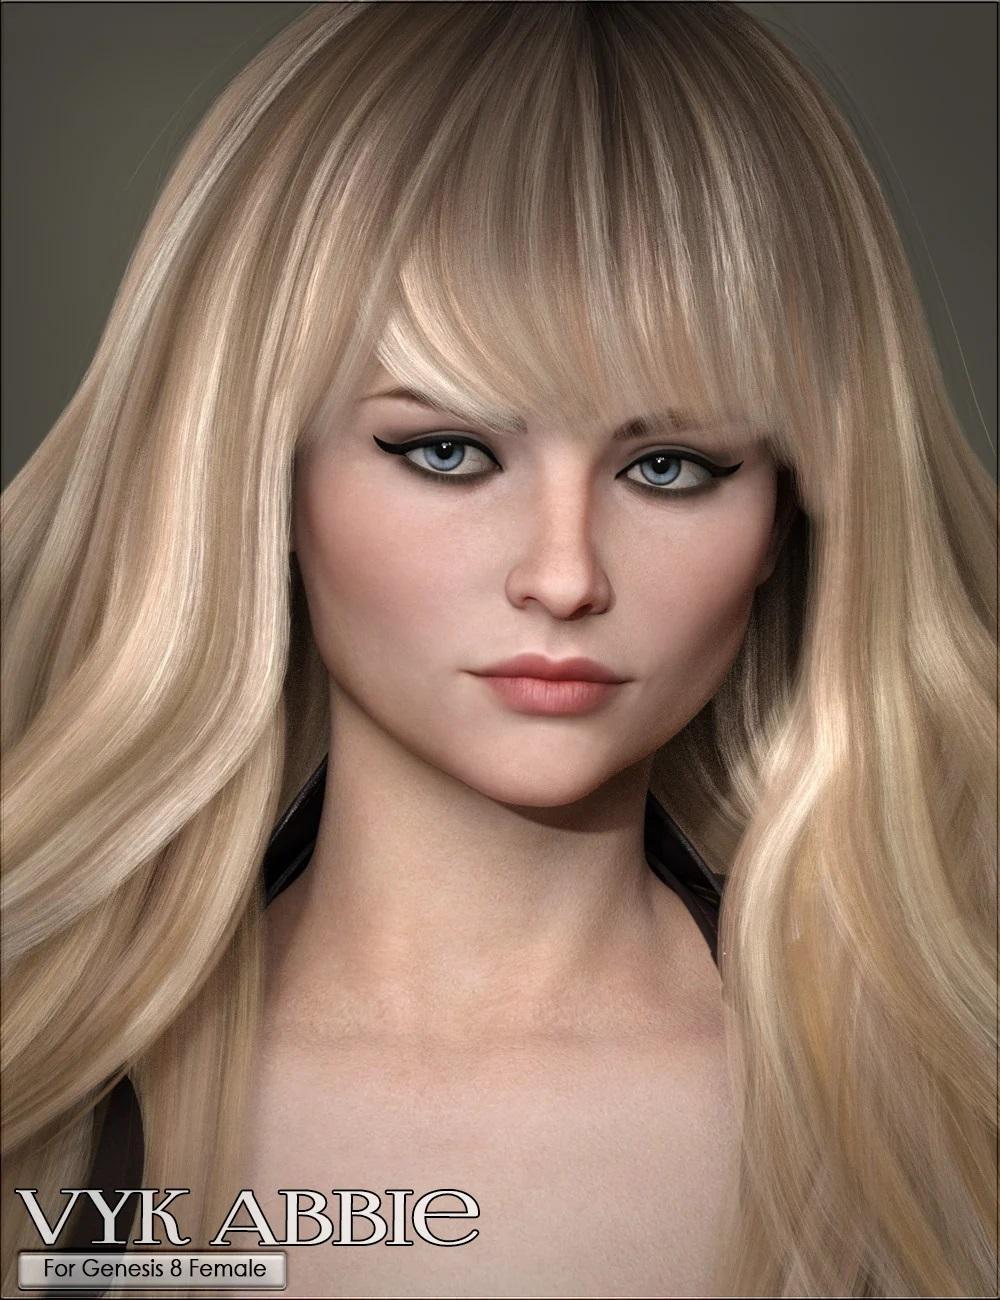 VYK Abbie for Genesis 8 Female